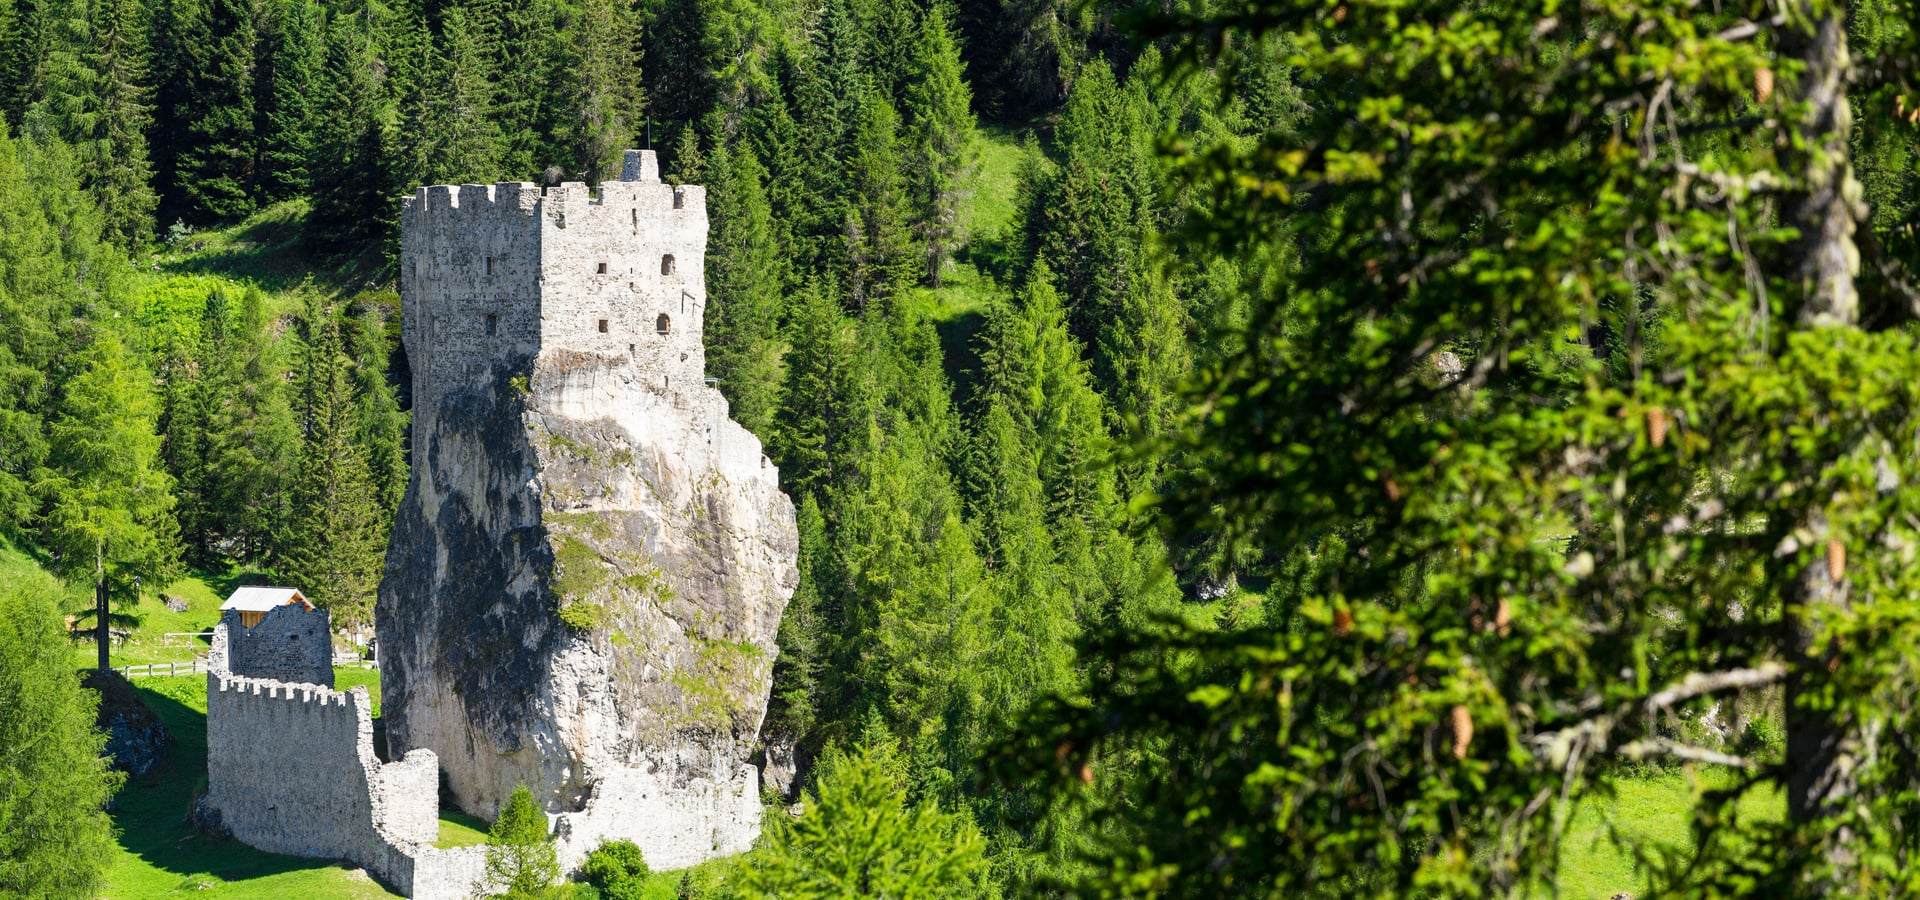 Until 25.09.16 Andraz Castle